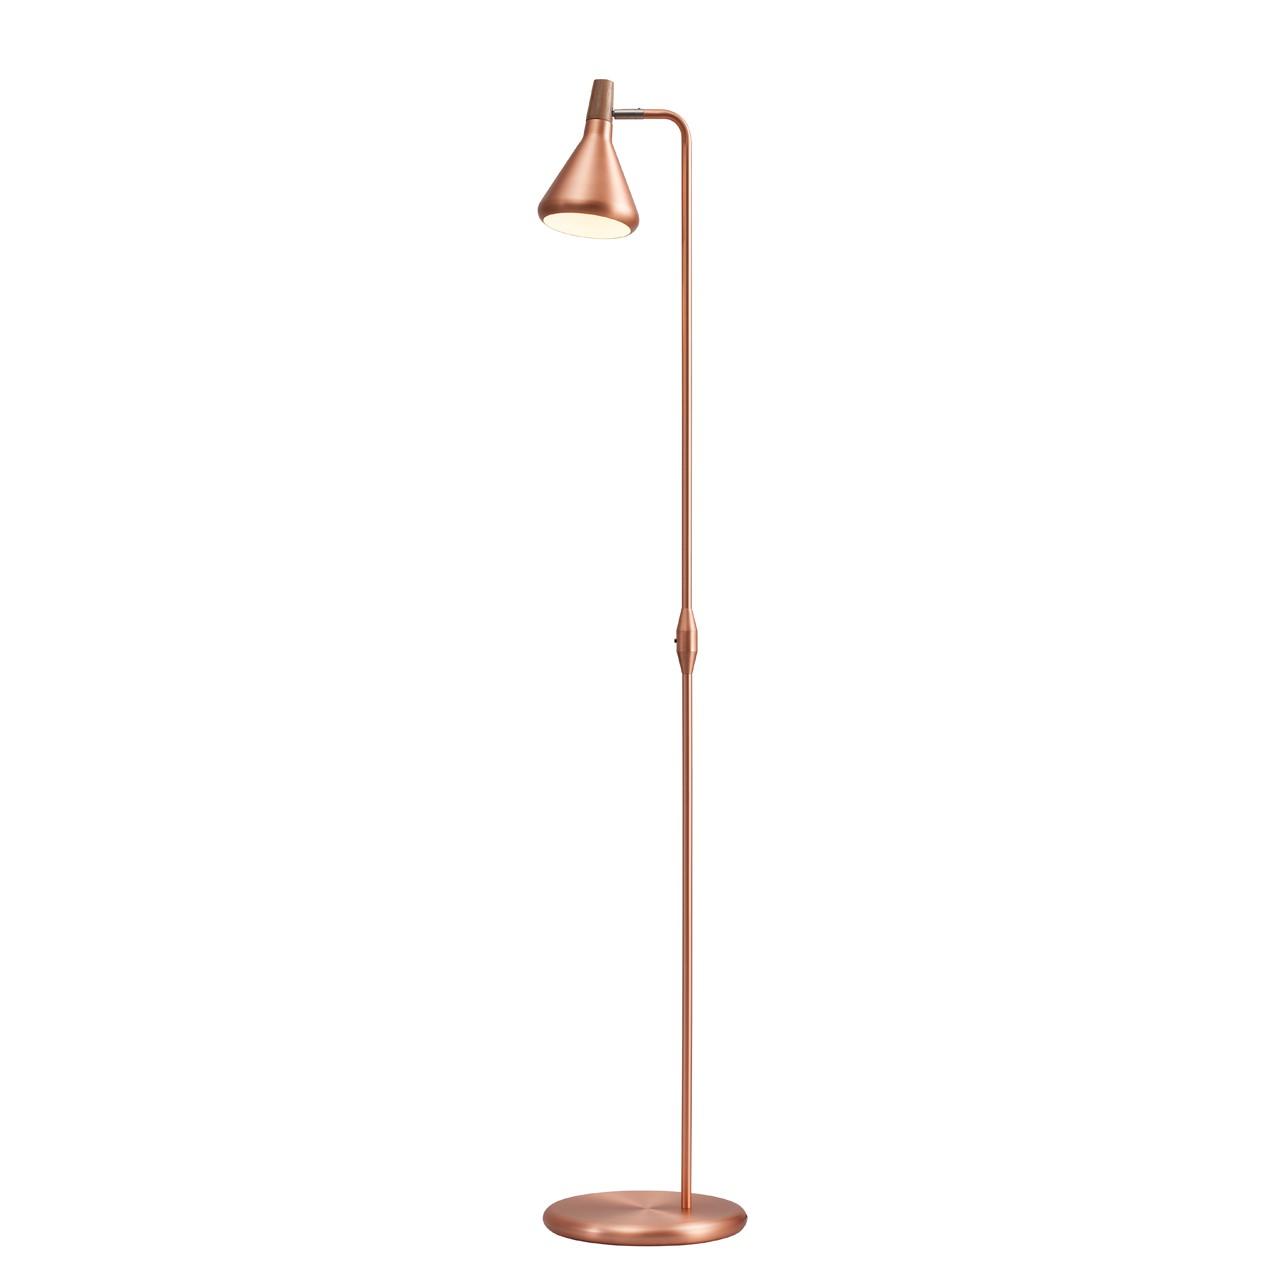 EEK A++, Lampadaire Float - Métal Cuivre 1 ampoule, Nordlux